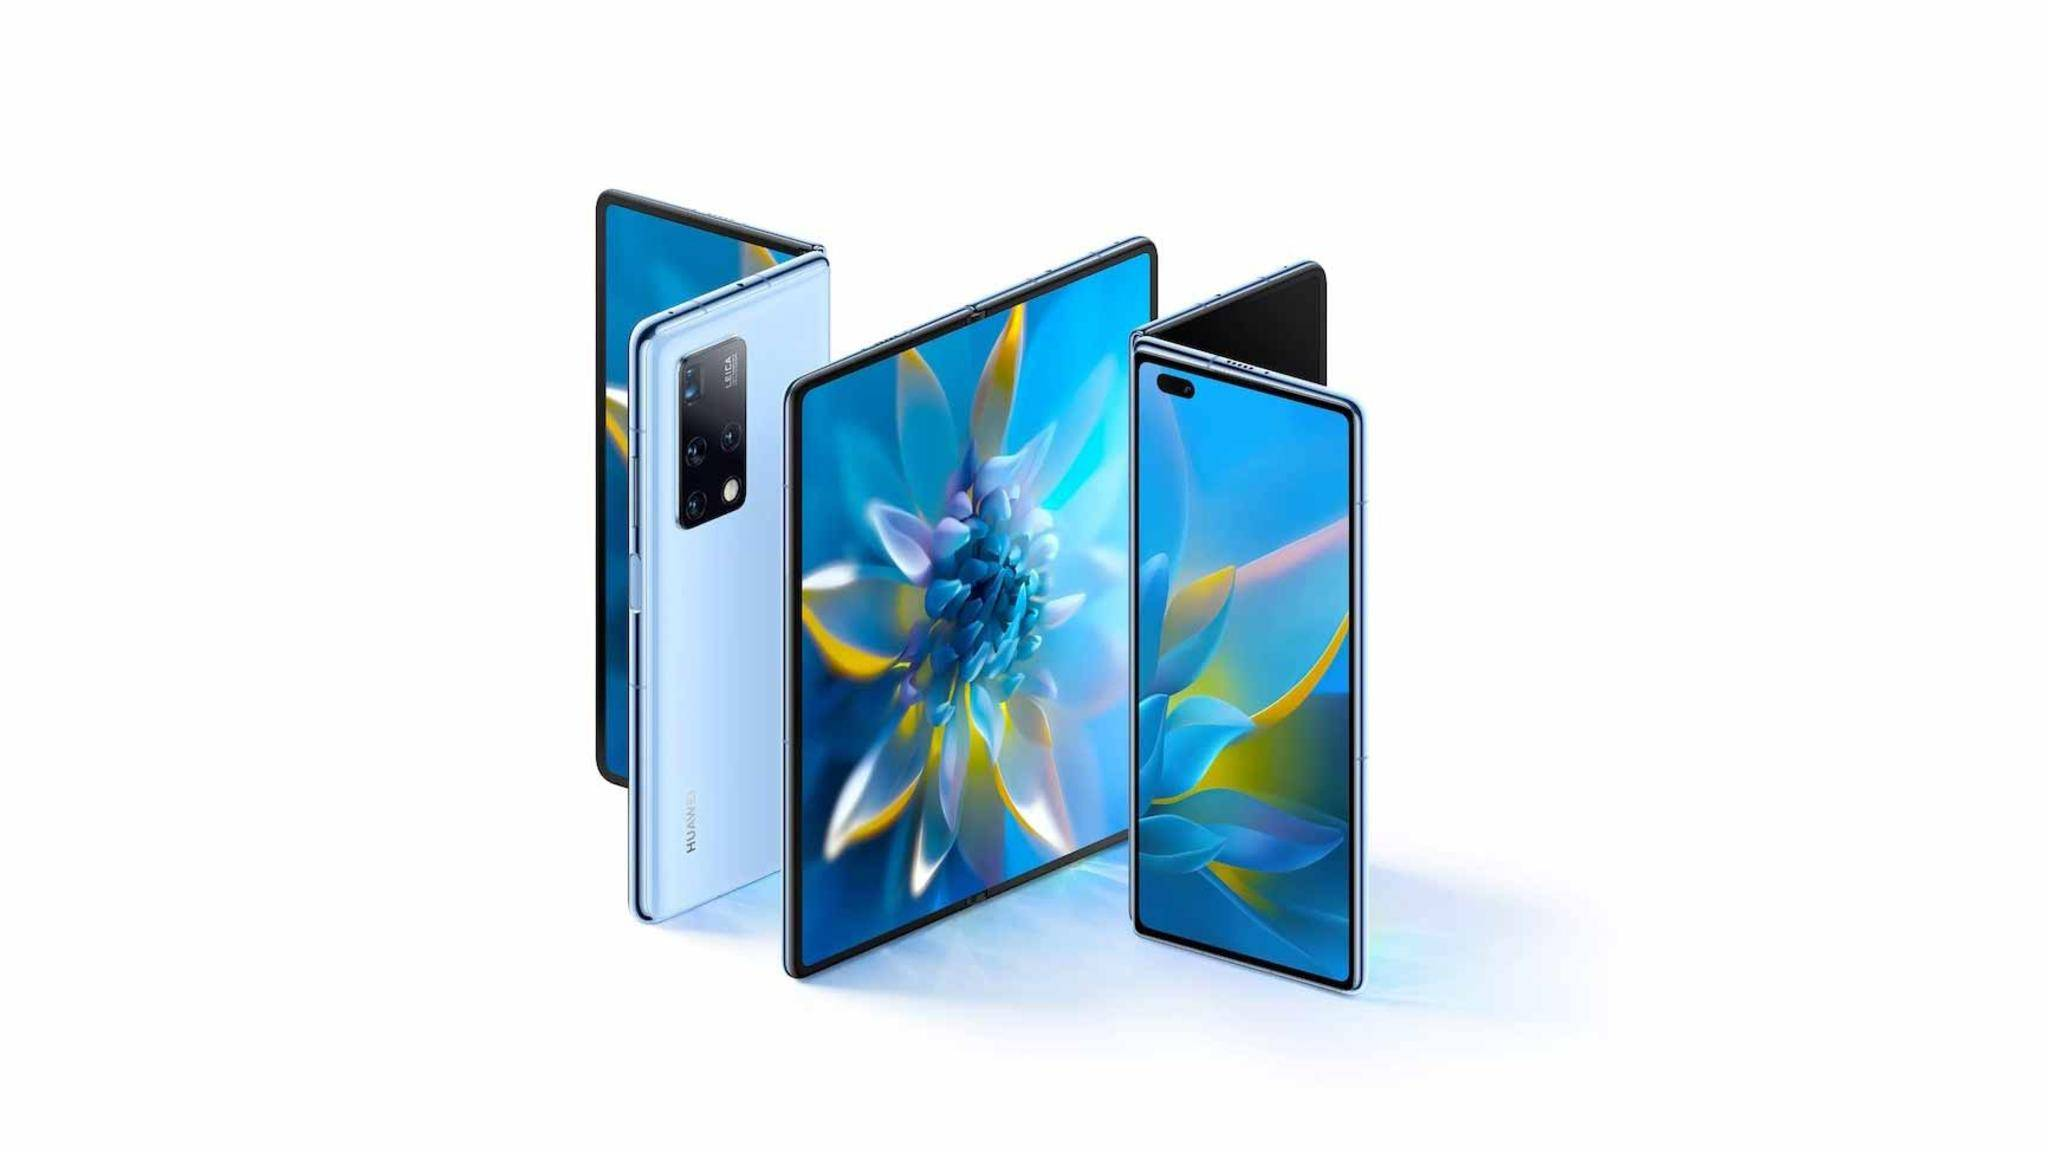 Das Huawei Mate X2 kostet umgerechnet gut 2.300 Euro – aber ein Deutschland-Release ist noch nicht bestätigt.